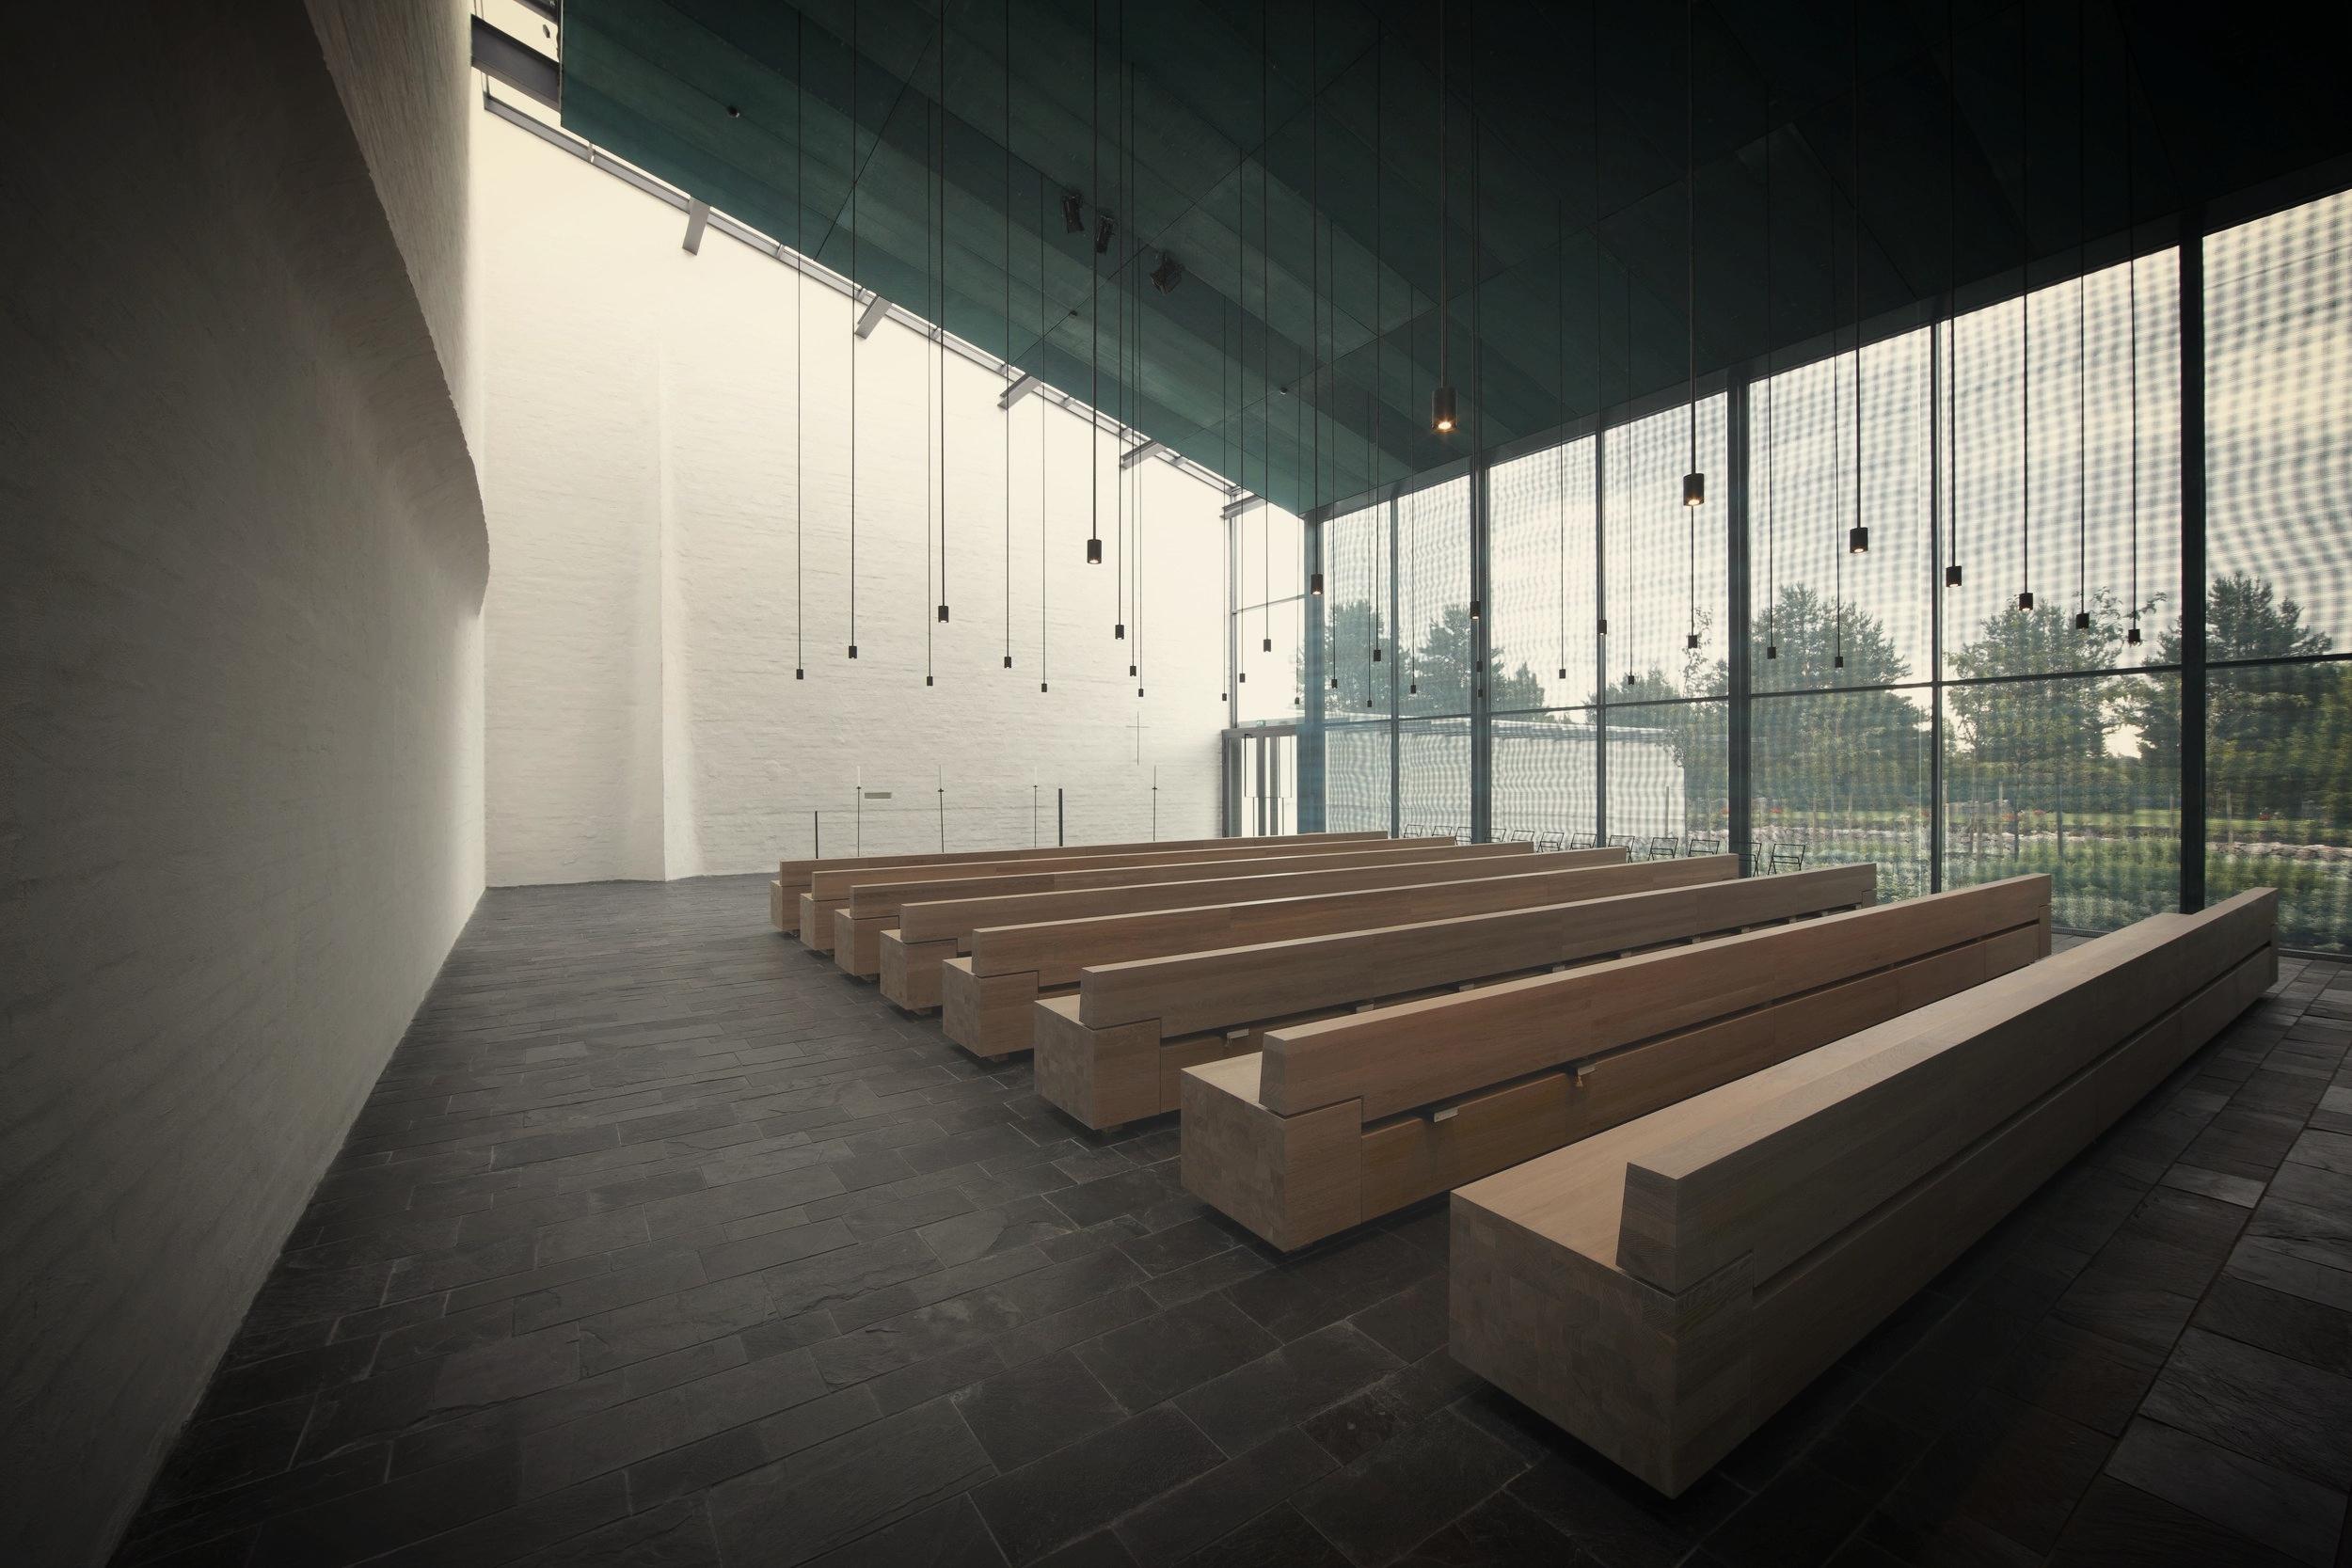 Pyhän Laurin Kappeli, Vantaa 2009 - 2010 / St. Lawrence chapel in Vantaa 2009 - 2010 / Avanto Architects